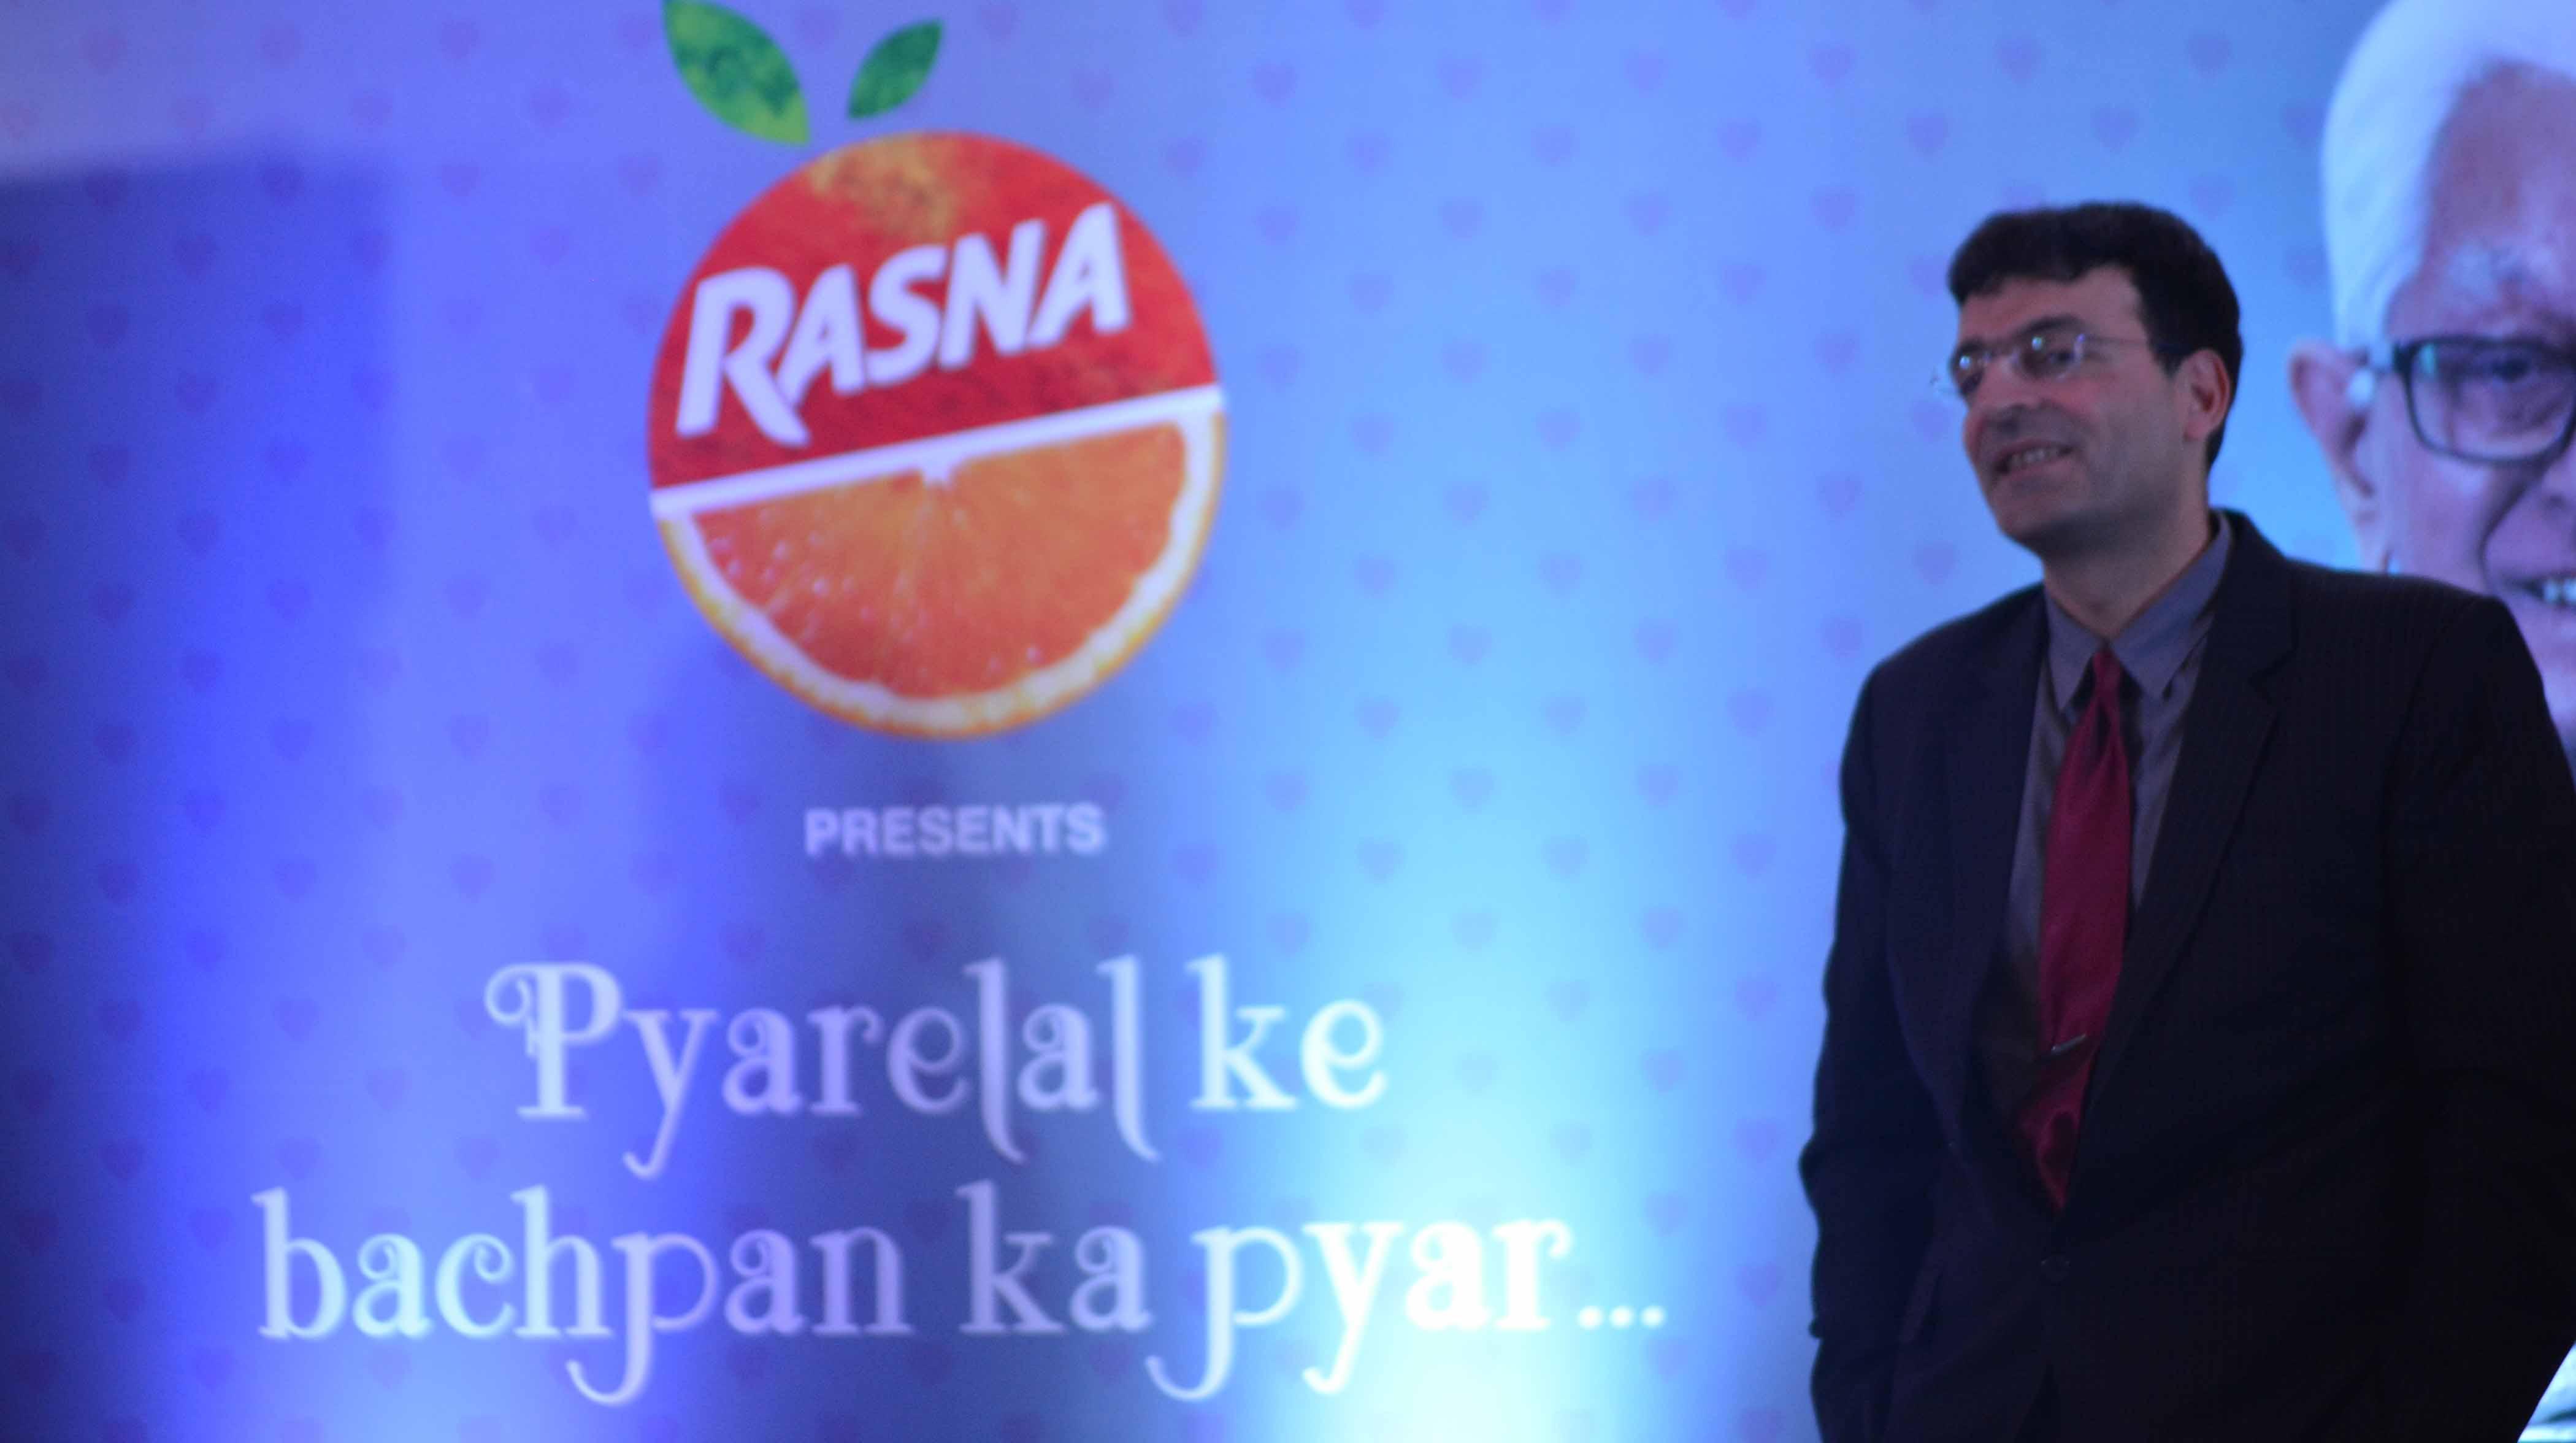 Rasna introduces new ad campaign 'Pyarelal Ka Bachpan Ka Pyar'